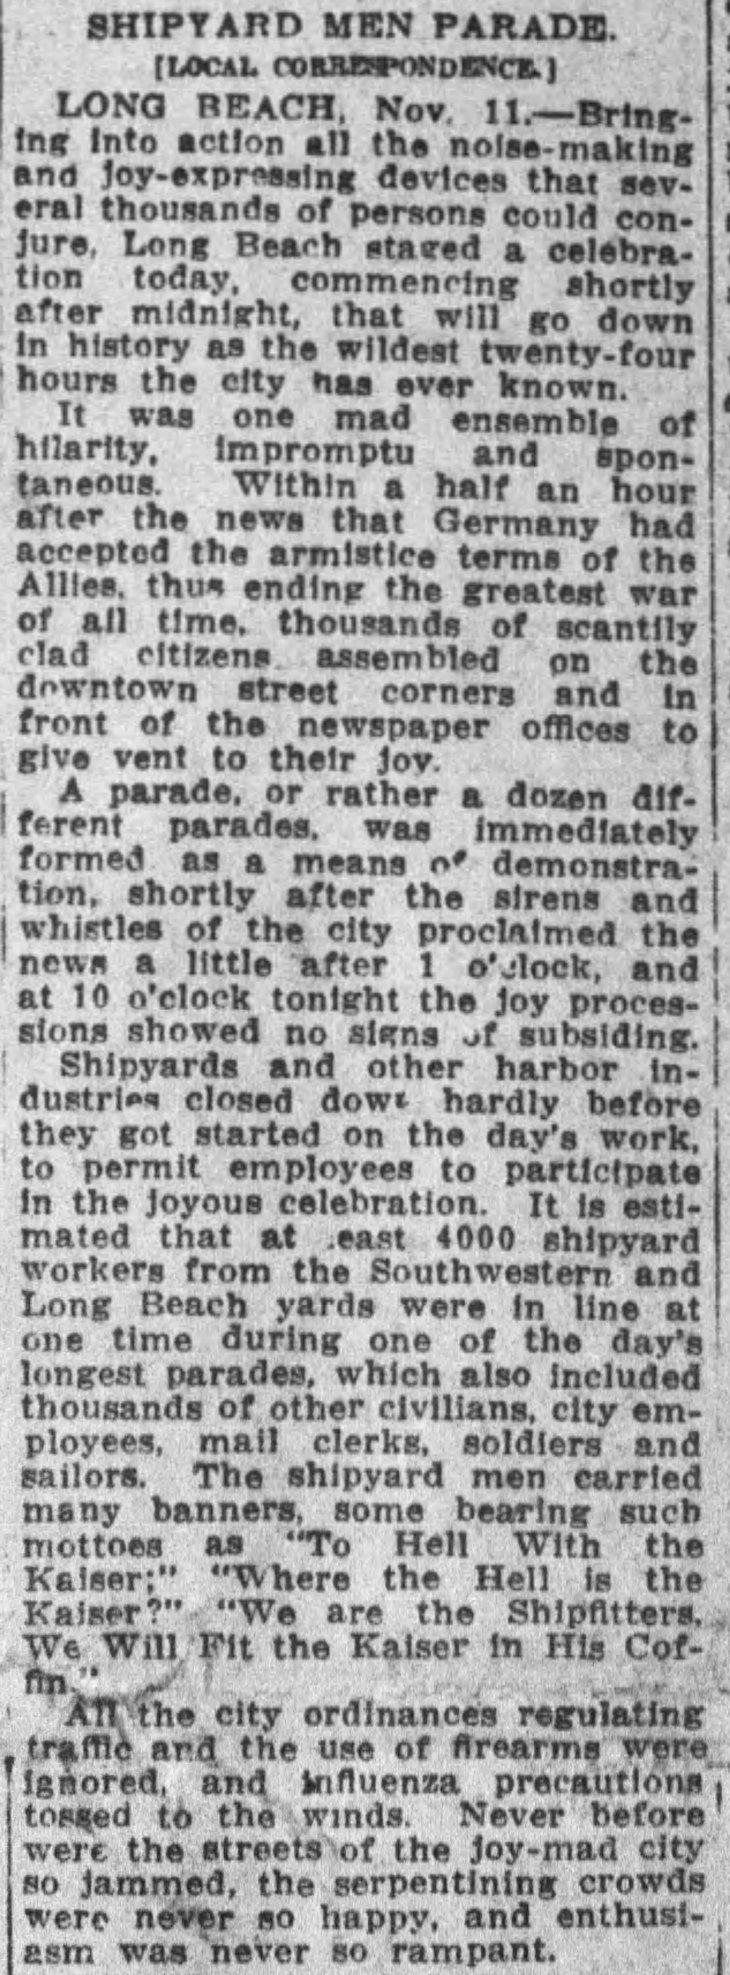 The_Los_Angeles_Times_Tue__Nov_12__1918_ (3)